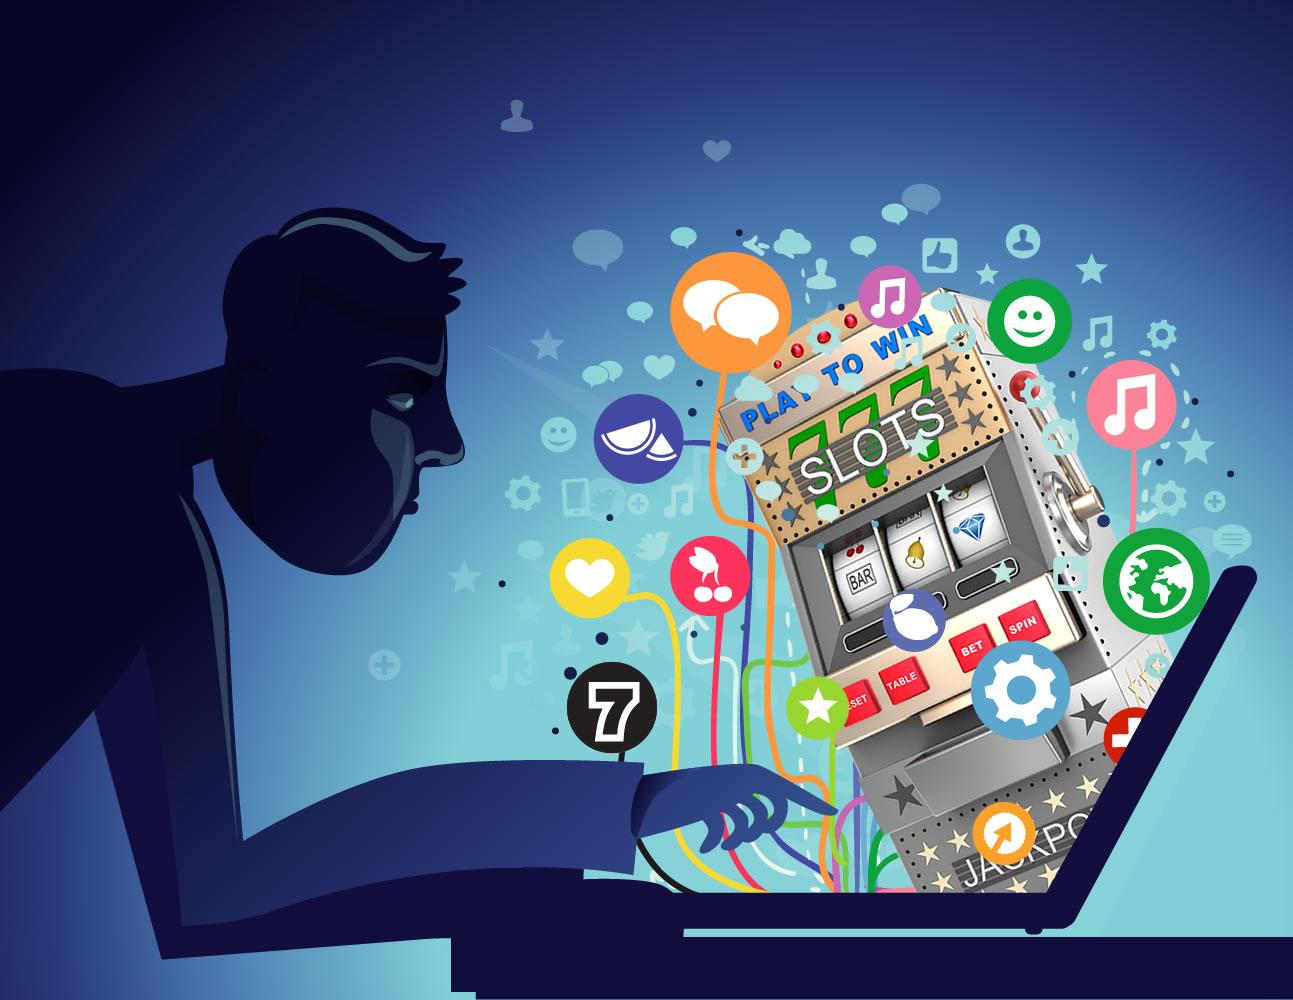 Ludopatia prevencion casino online Panamá opiniones-241193